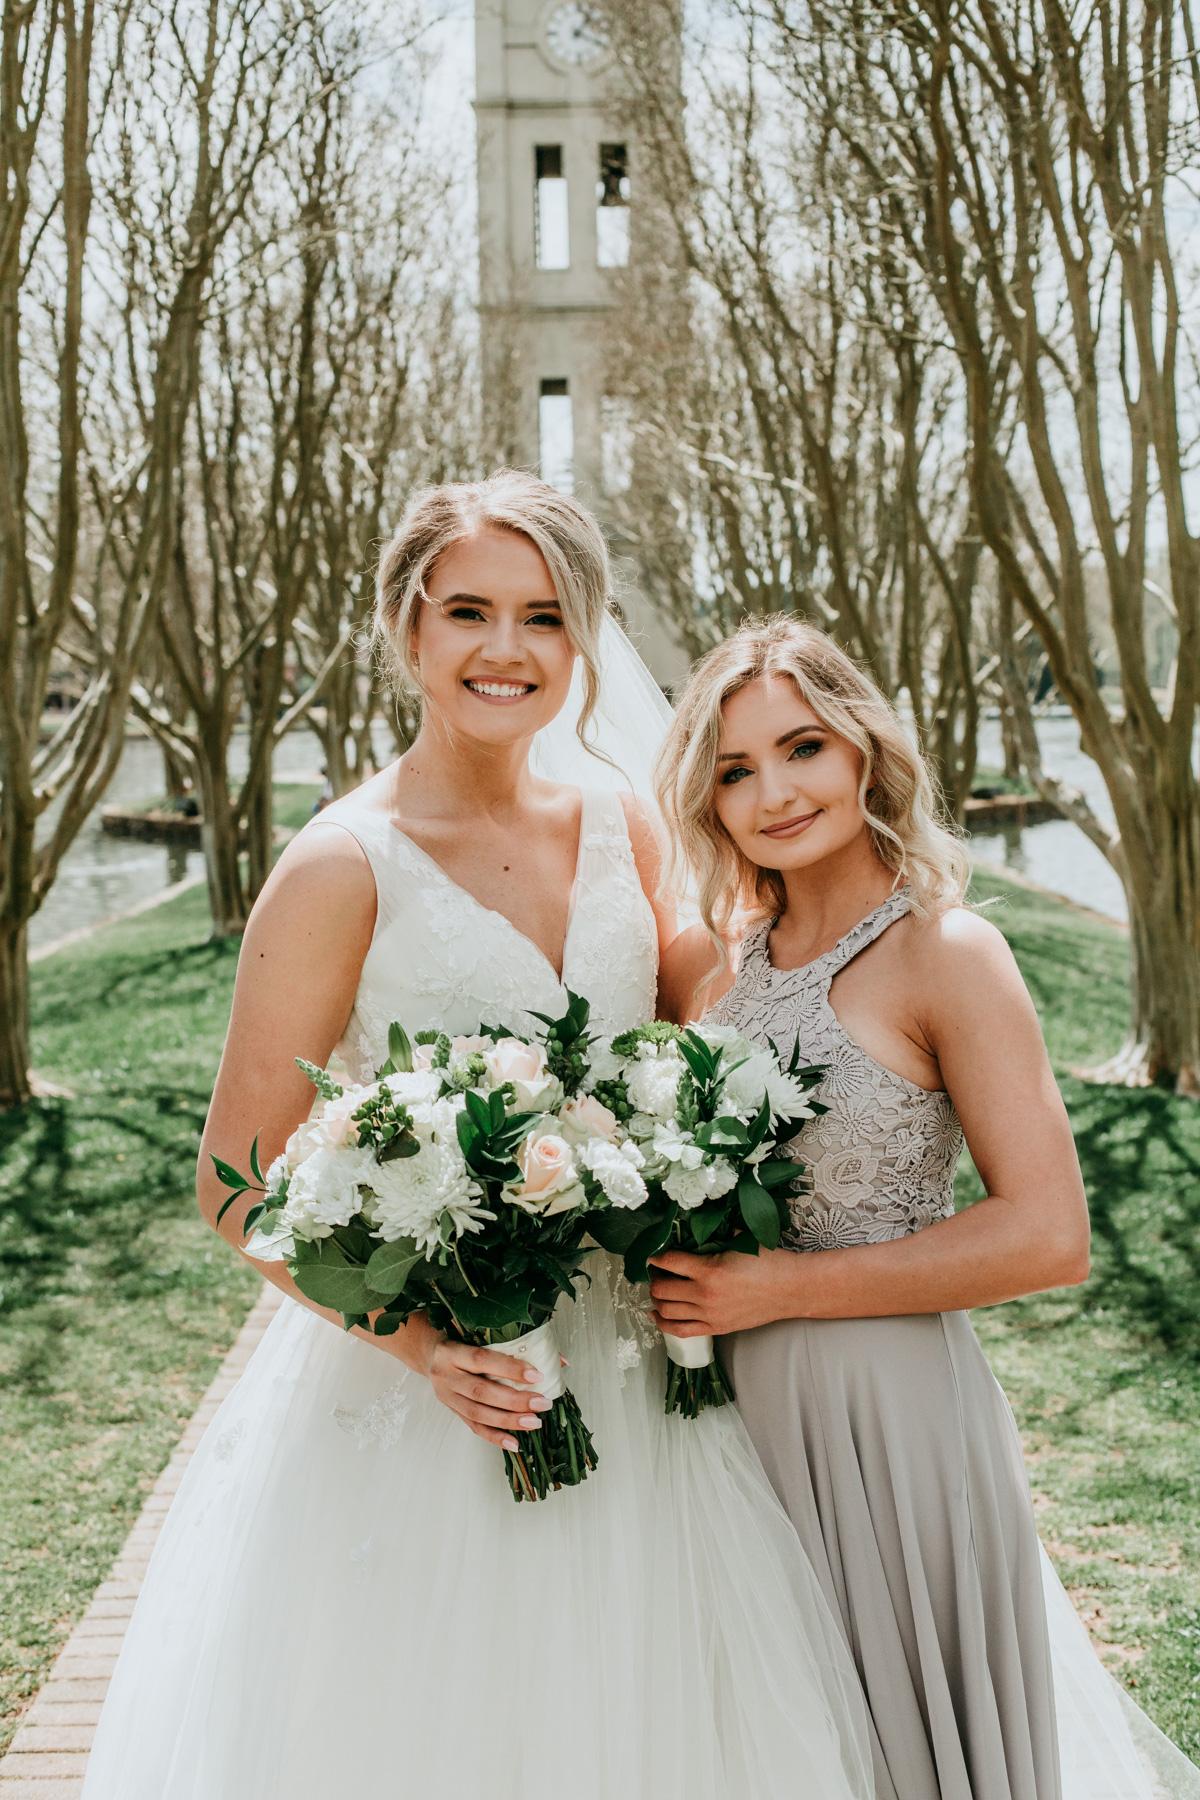 bride-and-bridesmaid-wedding-photos.jpg